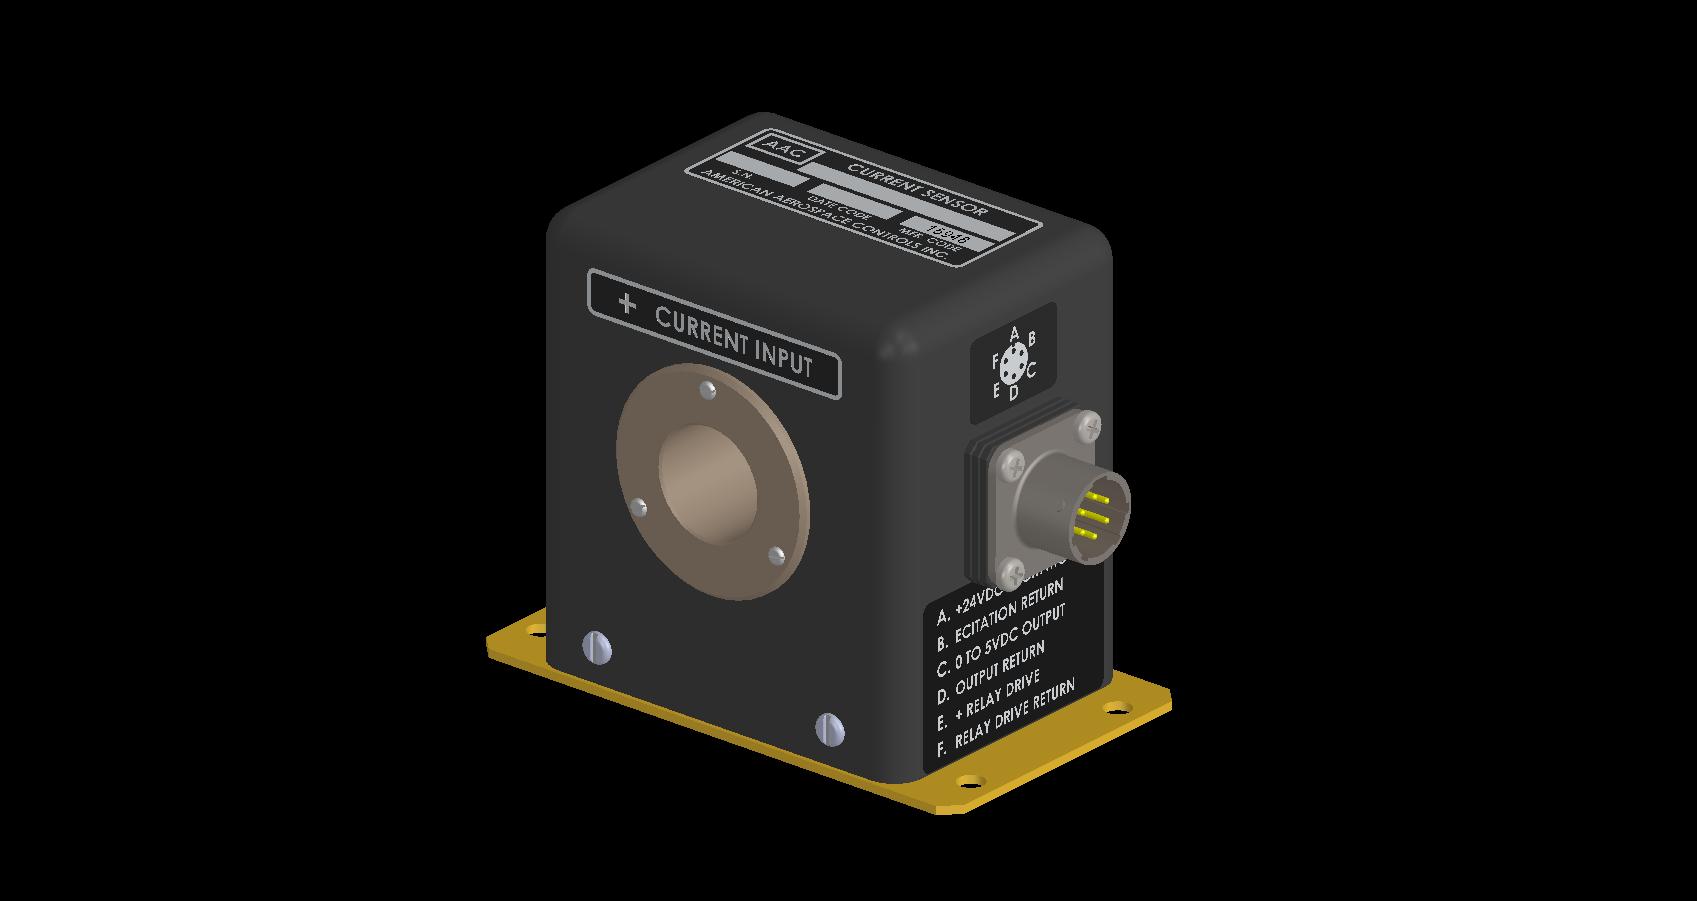 DC Current Detectors